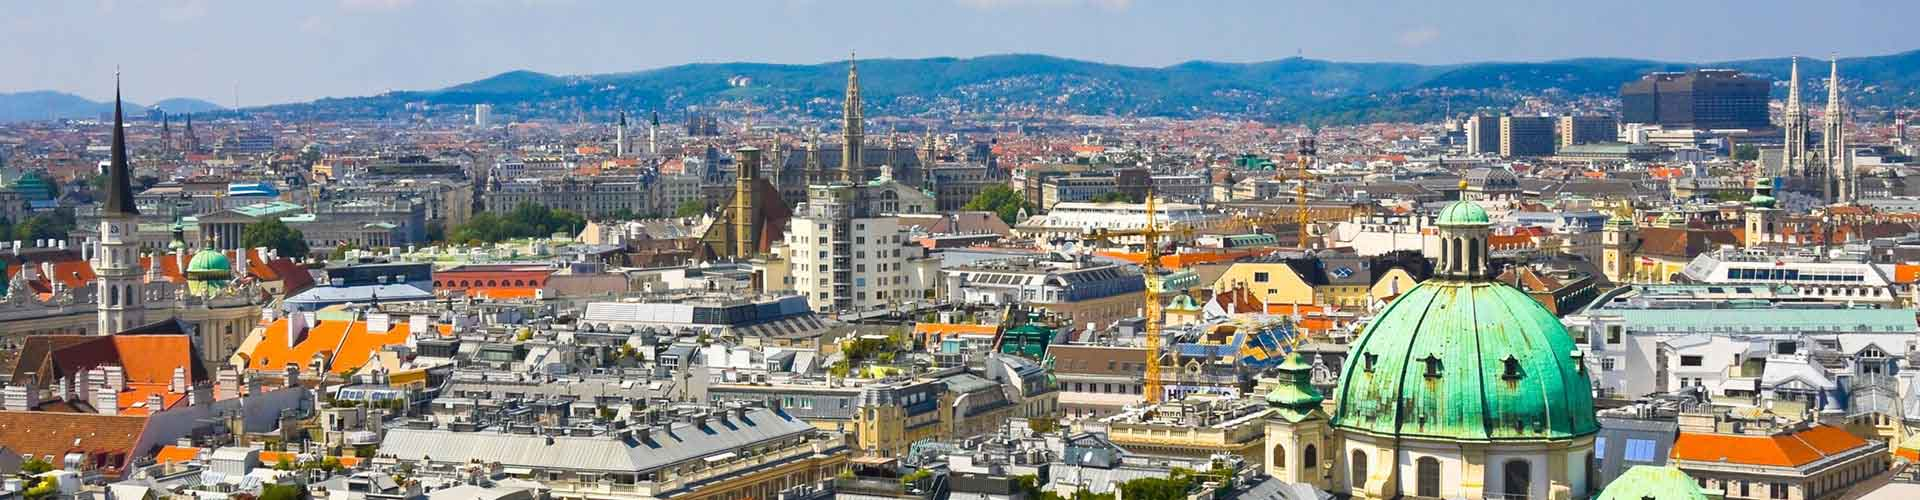 Vienne - Chambres à Vienne. Cartes pour Vienne, photos et commentaires pour chaque chambre à Vienne.